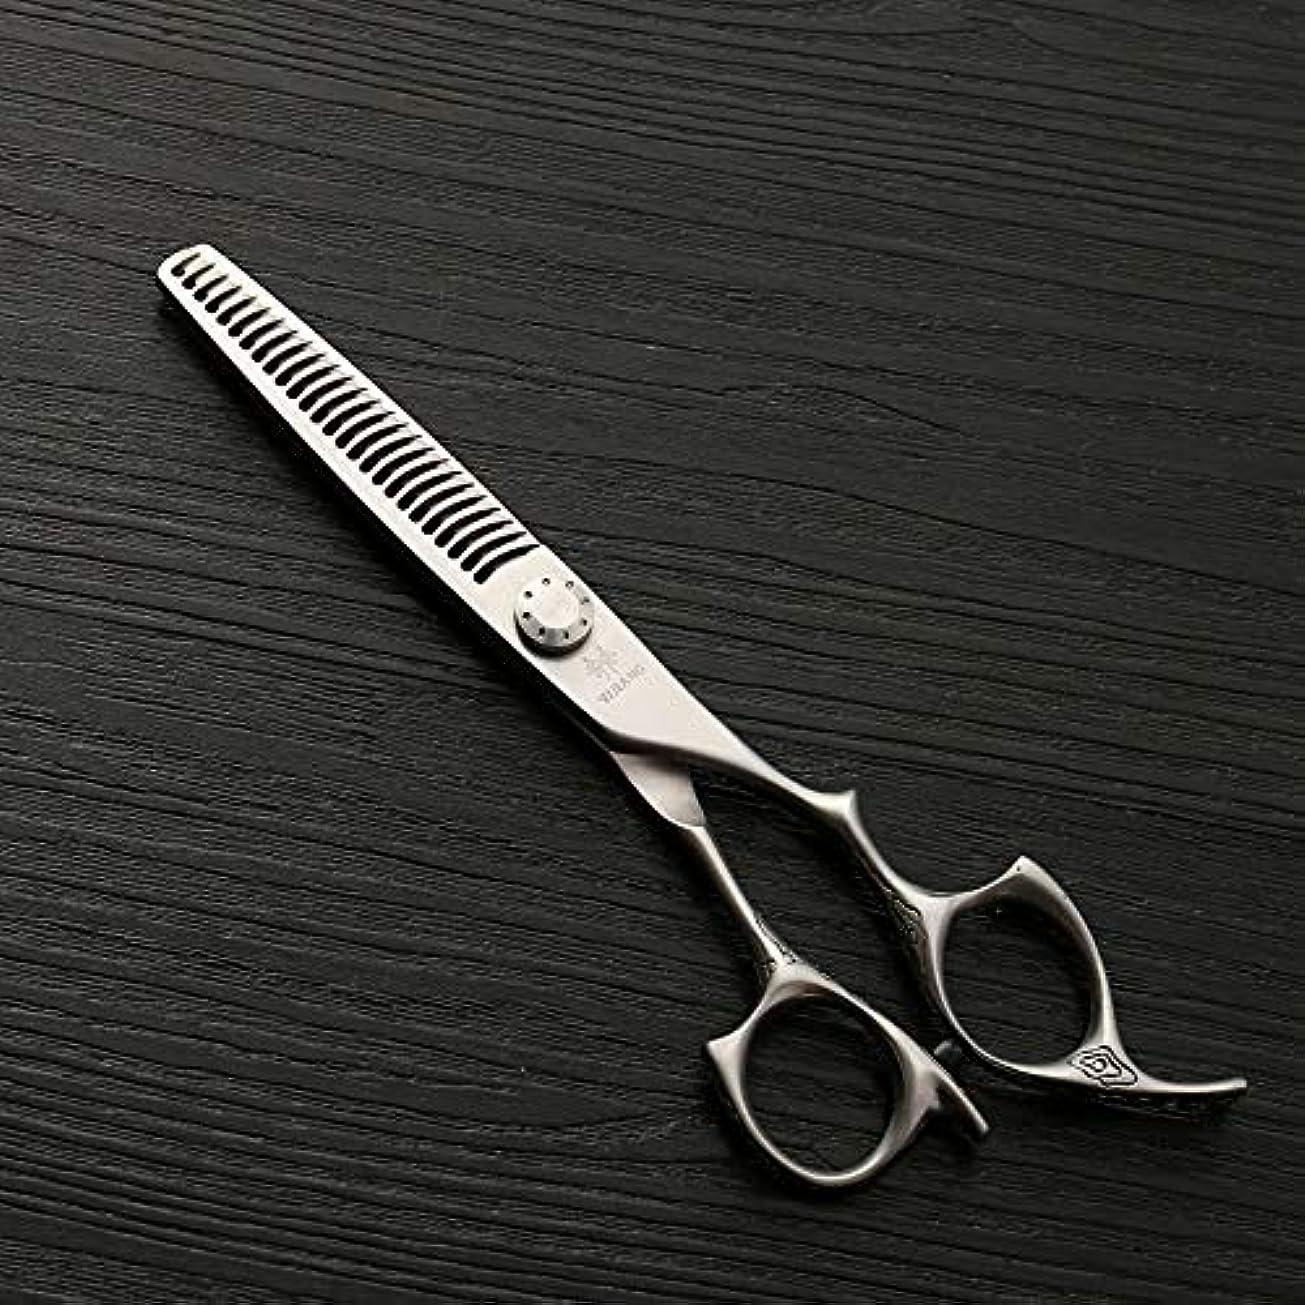 市の中心部原因説教する理髪用はさみ 新しいスタイル6インチ美容院プロのヘアカット間伐歯はさみ、26歯アントラー歯理髪はさみヘアカット鋏ステンレス理髪はさみ (色 : Silver)